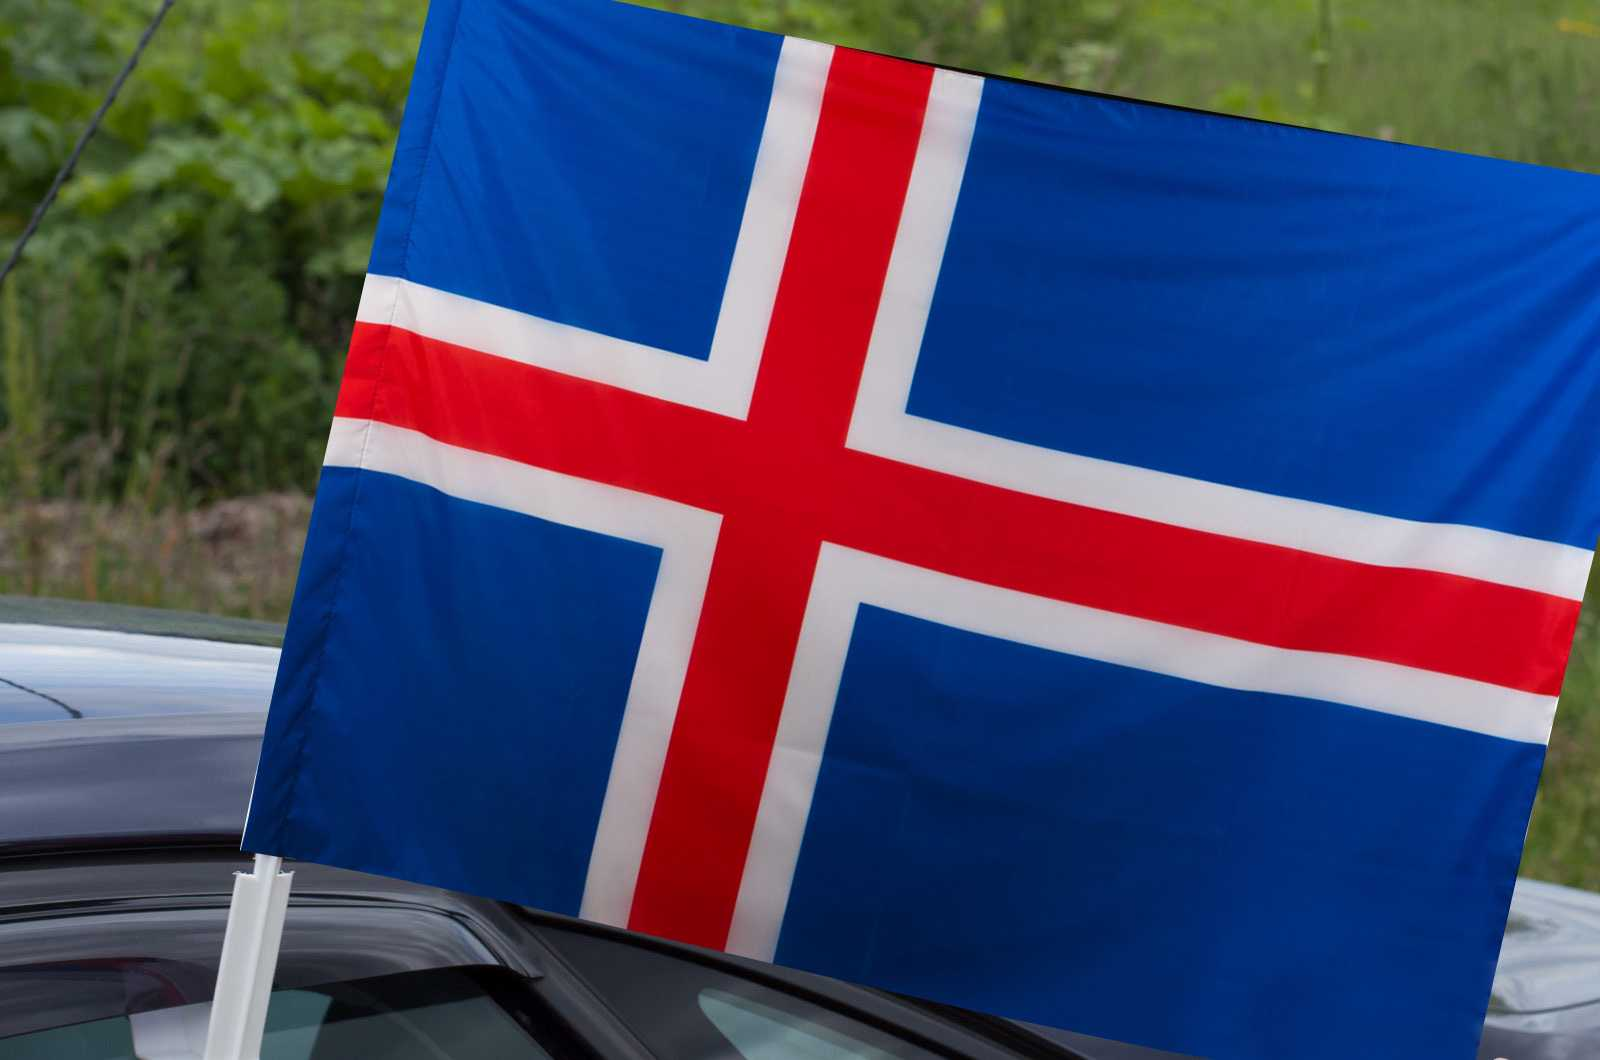 Путешествие по Исландии: достопримечательности, культура и особенности отдыха